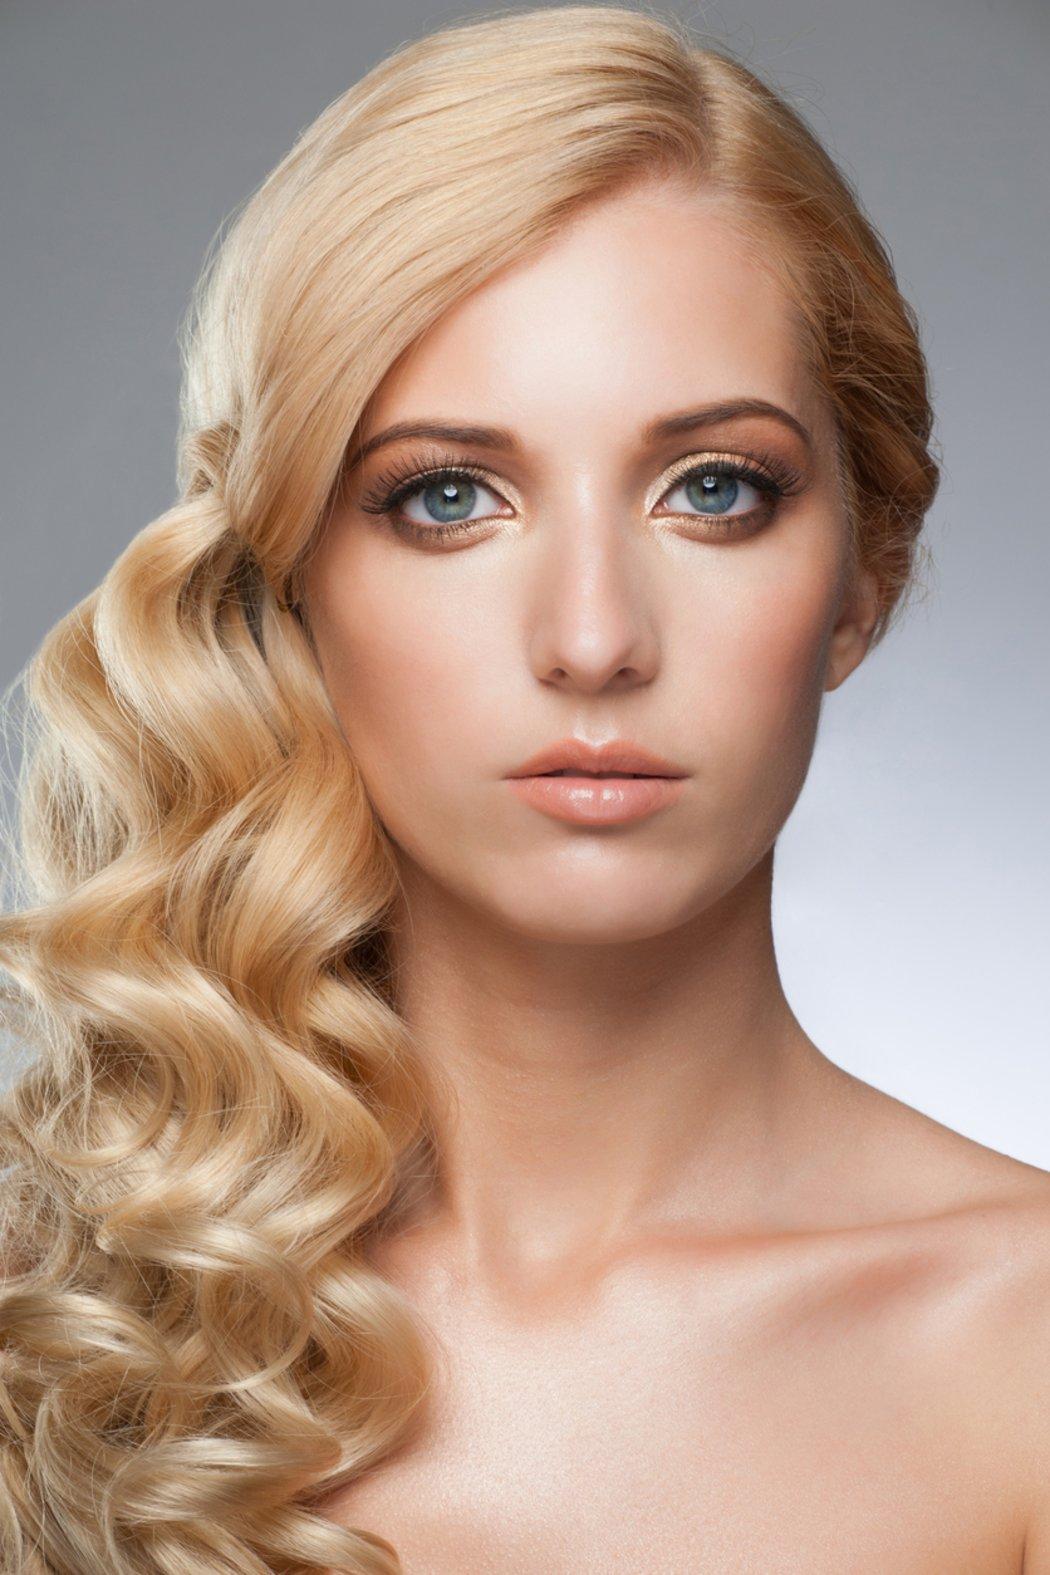 Welche Haarfarbe Passt Zu Blauen Augen Diese Desiredde